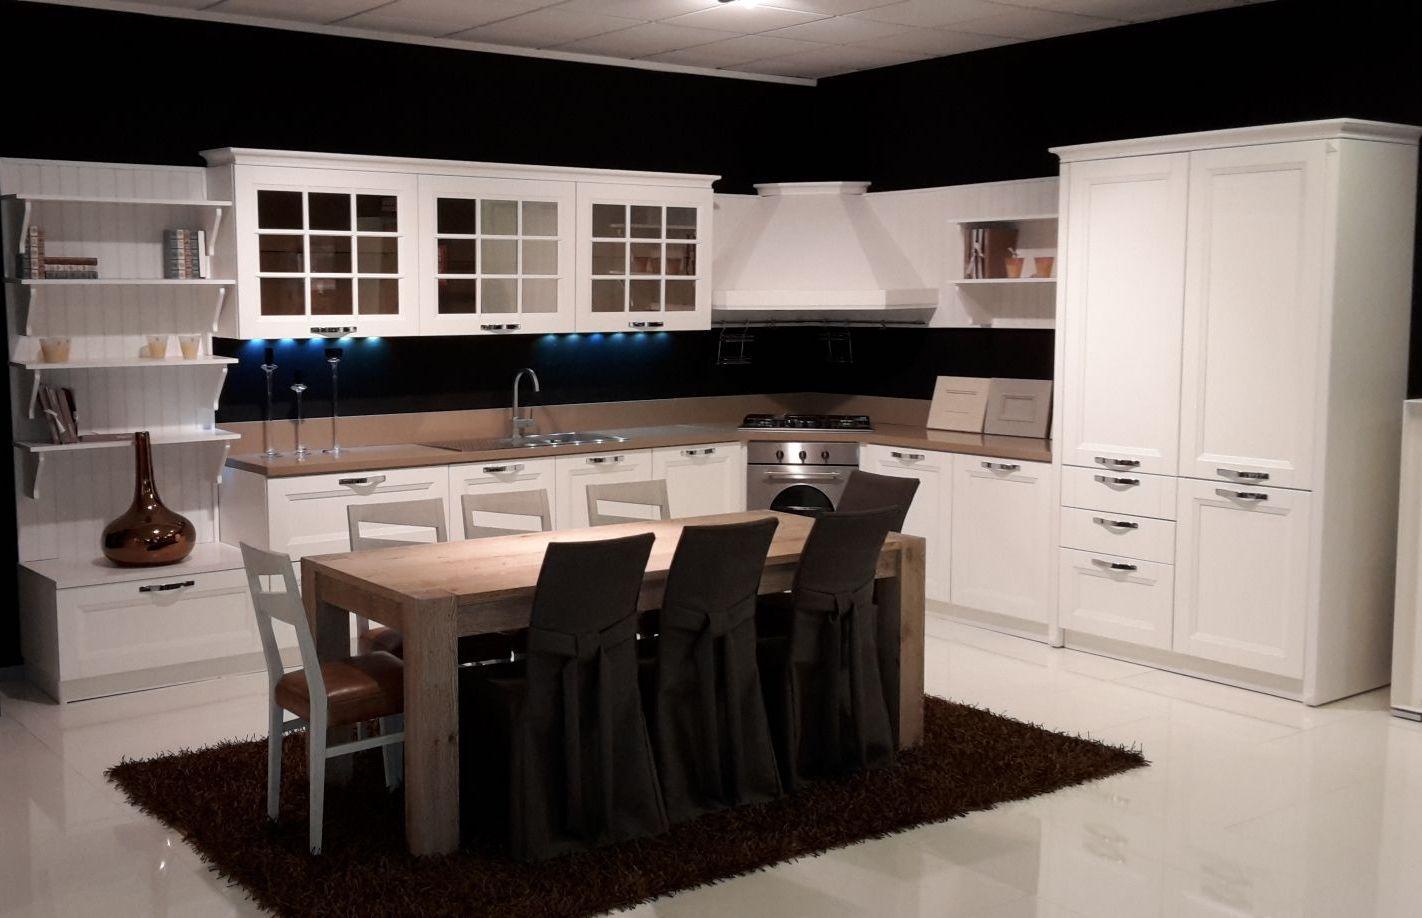 Soggiorni Stosa ~ Le Migliori Idee Per la Tua Design Per la Casa